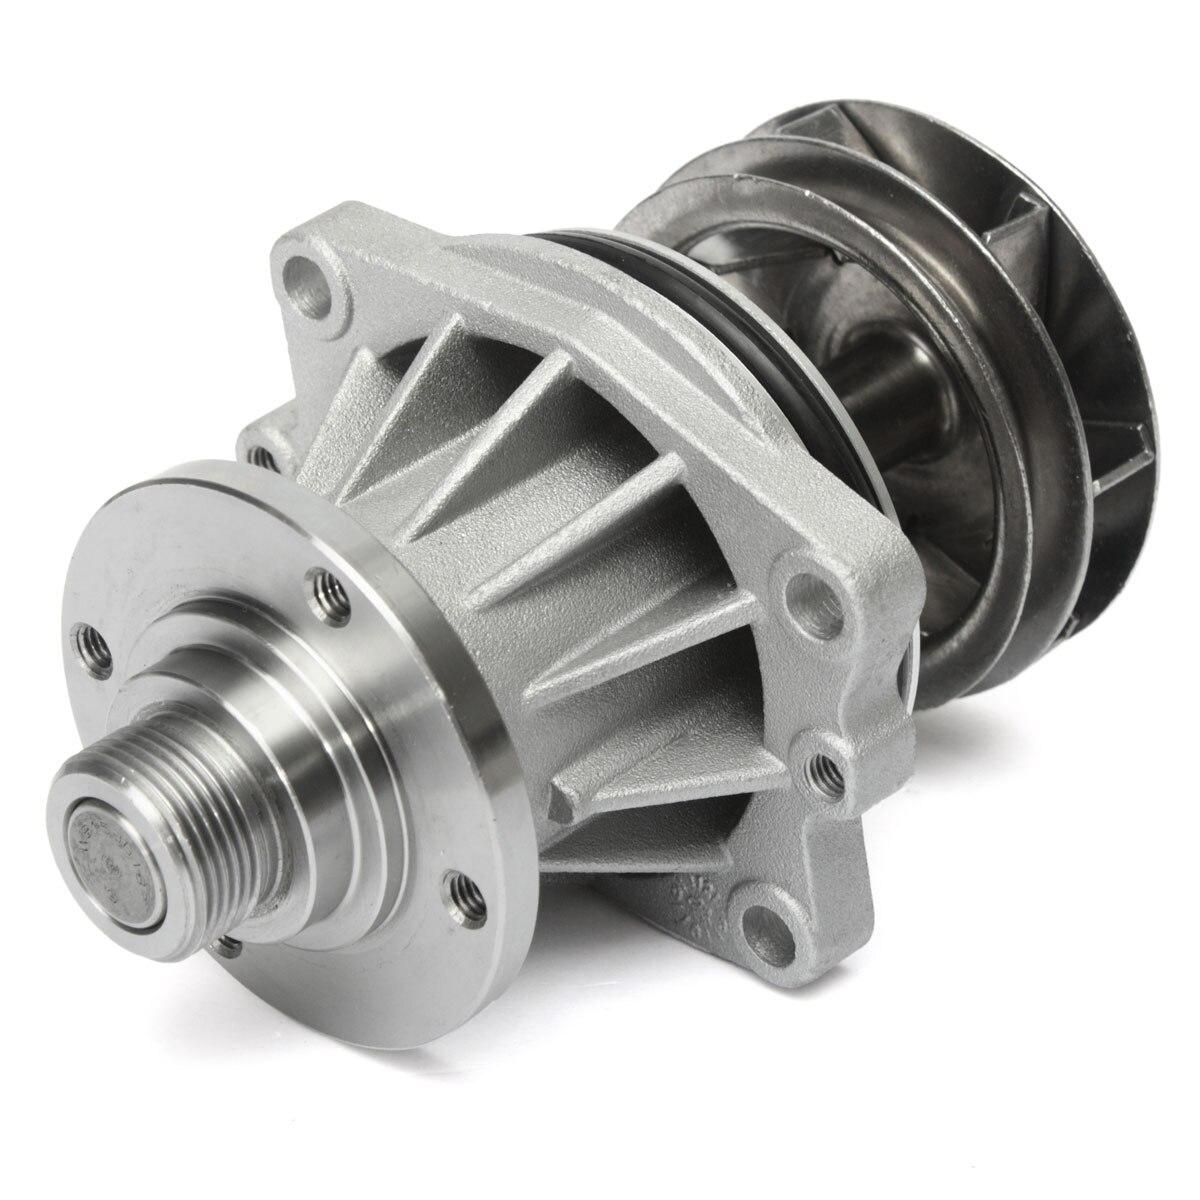 1 Pcs Metal Impulsor Da Bomba de Água Para BMW E39 E46 E36 E34 X5 X3 325 525 330 323i 11517527799